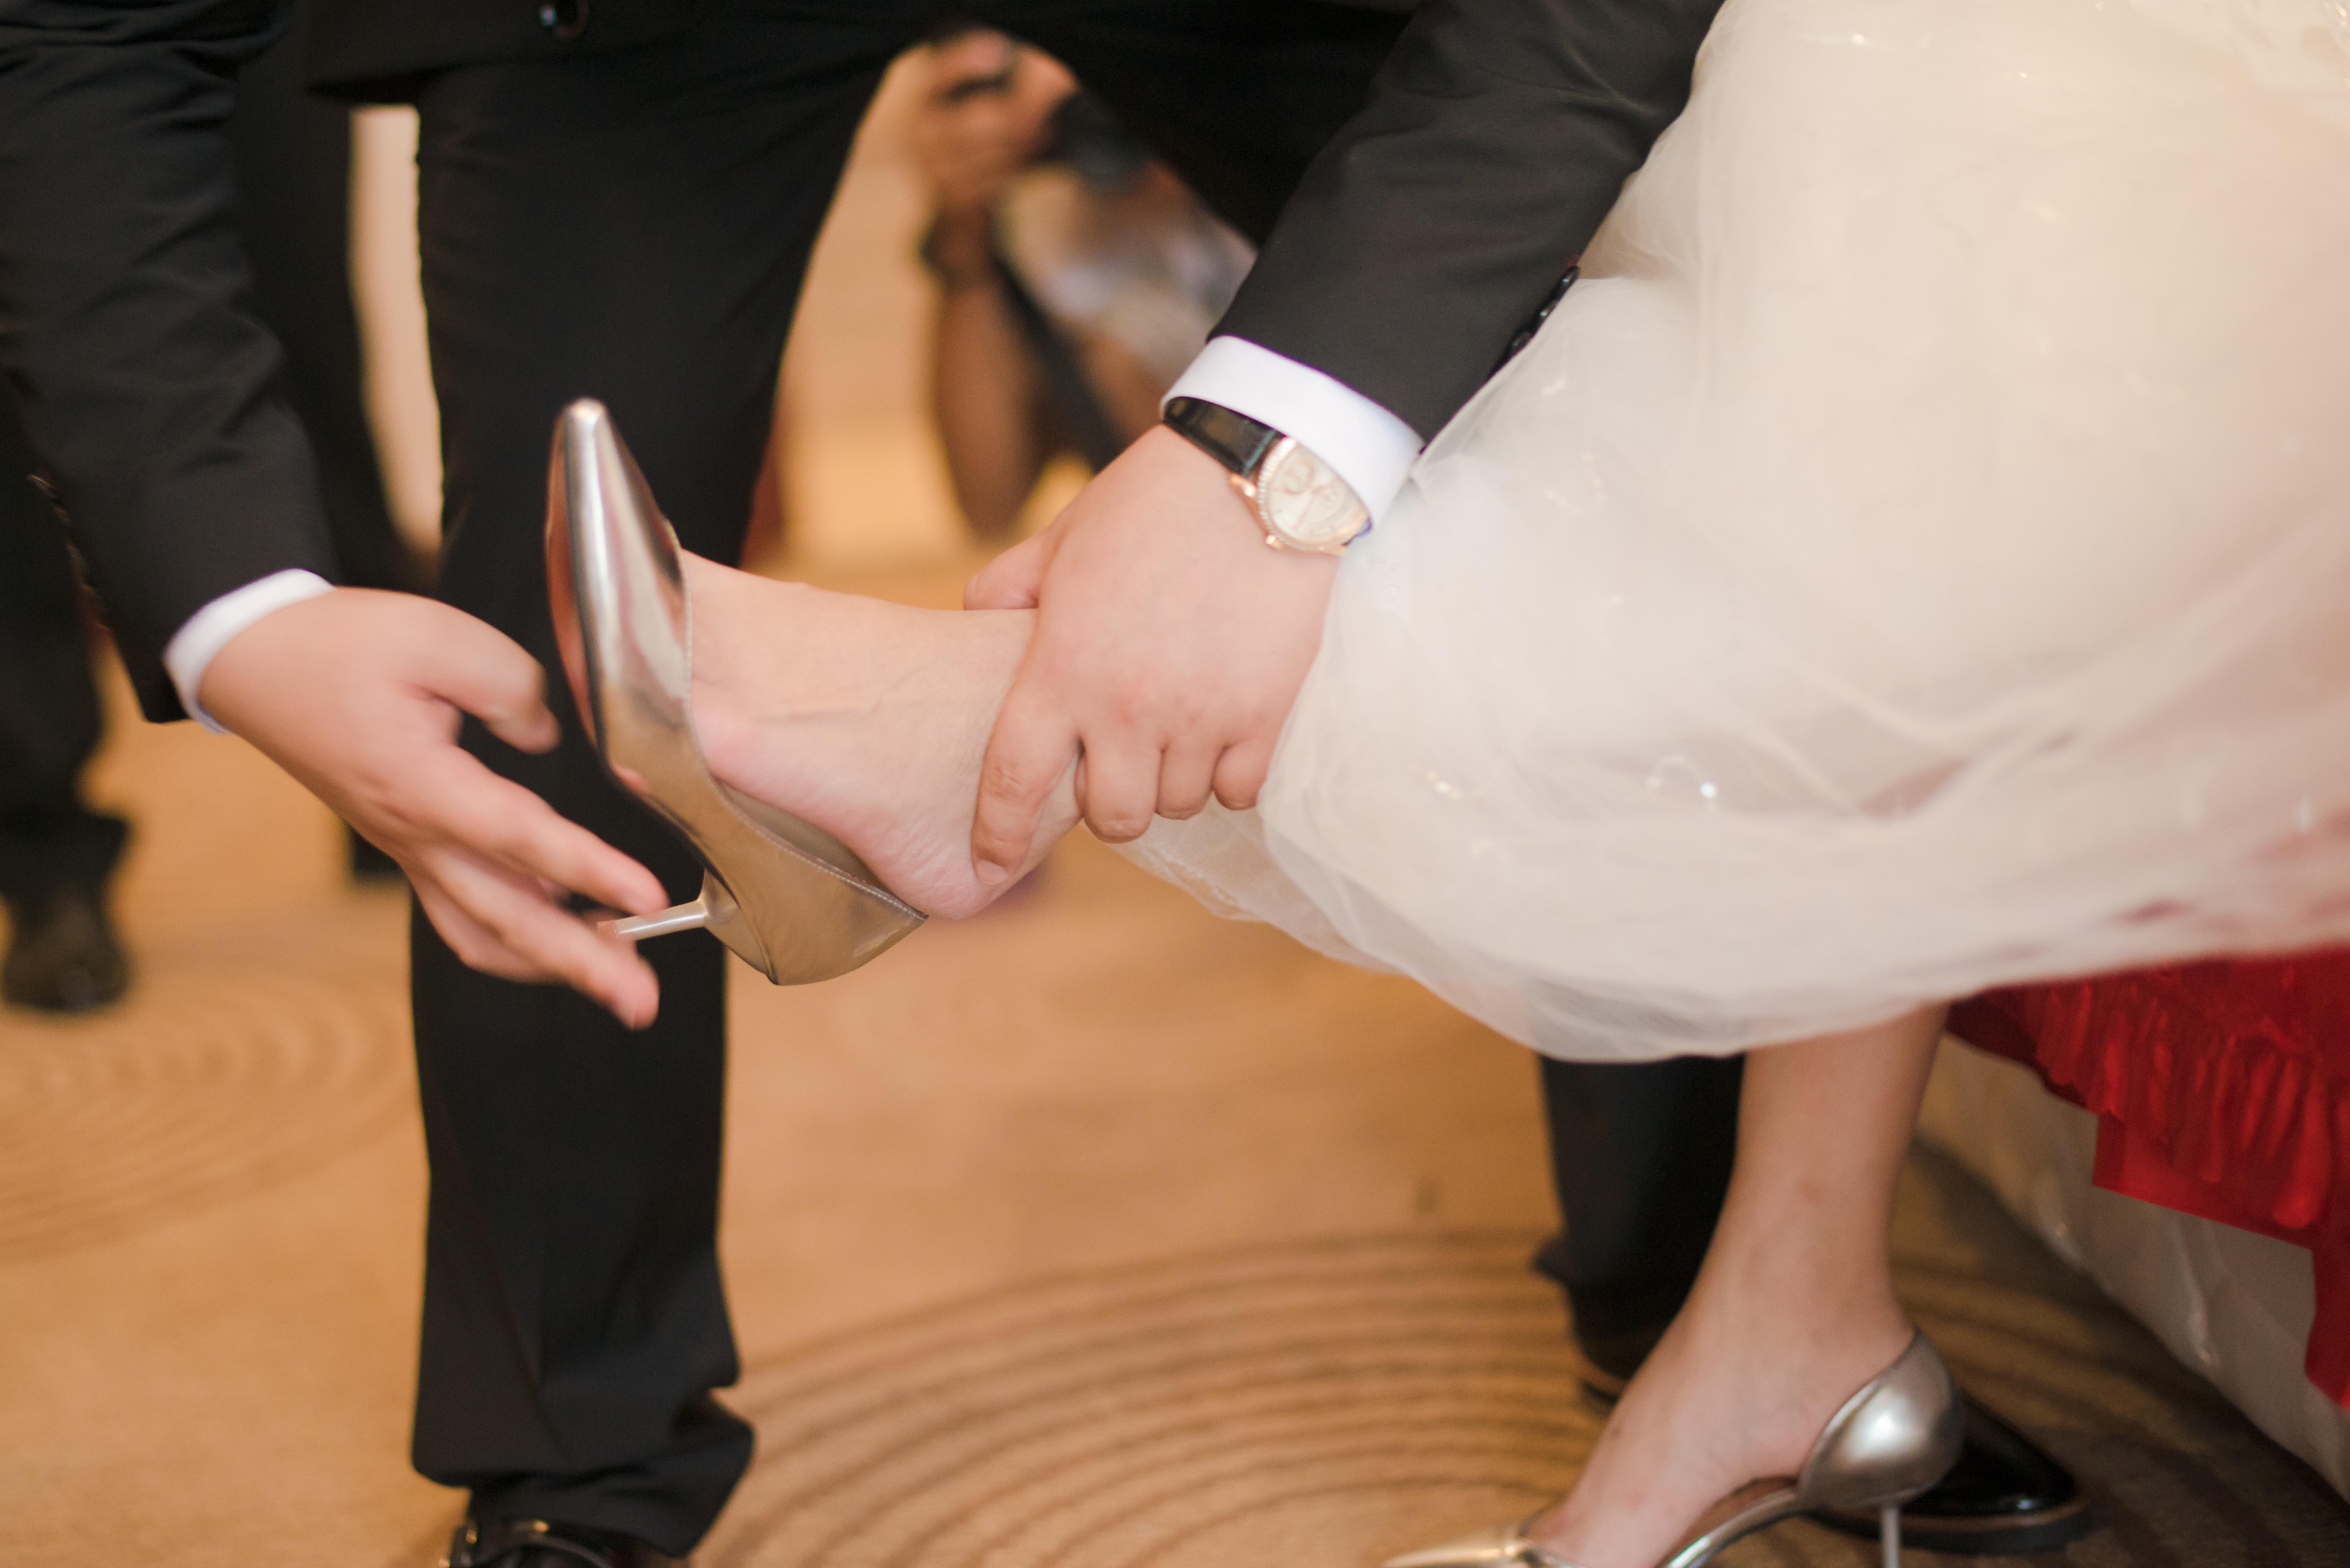 Фото невест нога на ногу, Снова невесты. Ножки (42 фото) » Триникси 9 фотография